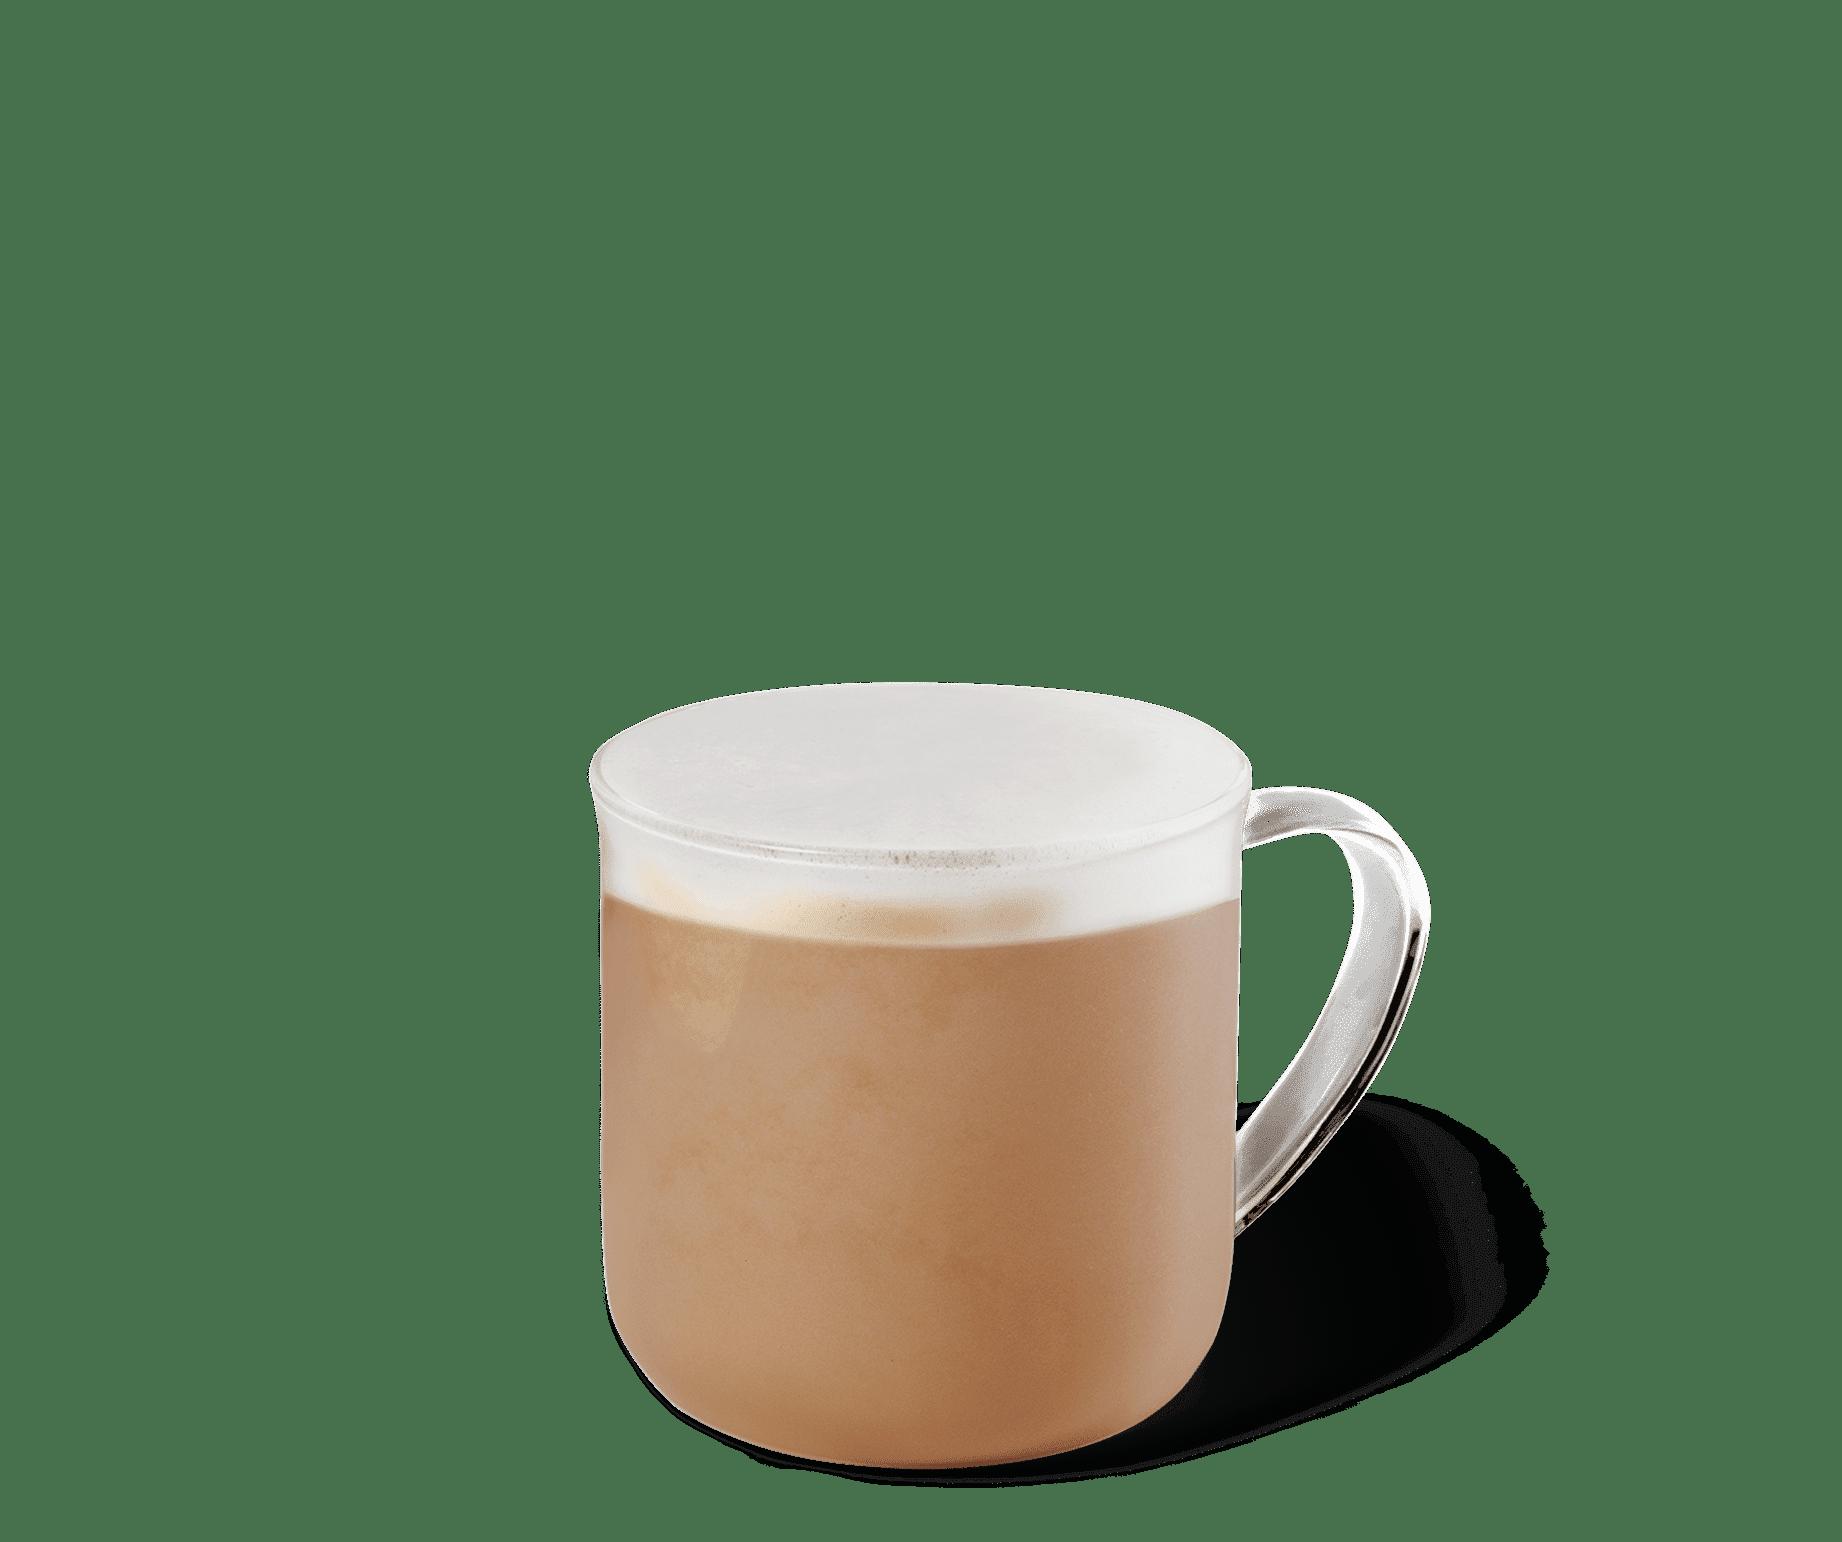 Tazza di Blonde Vanilla Latte Starbucks_ricette2